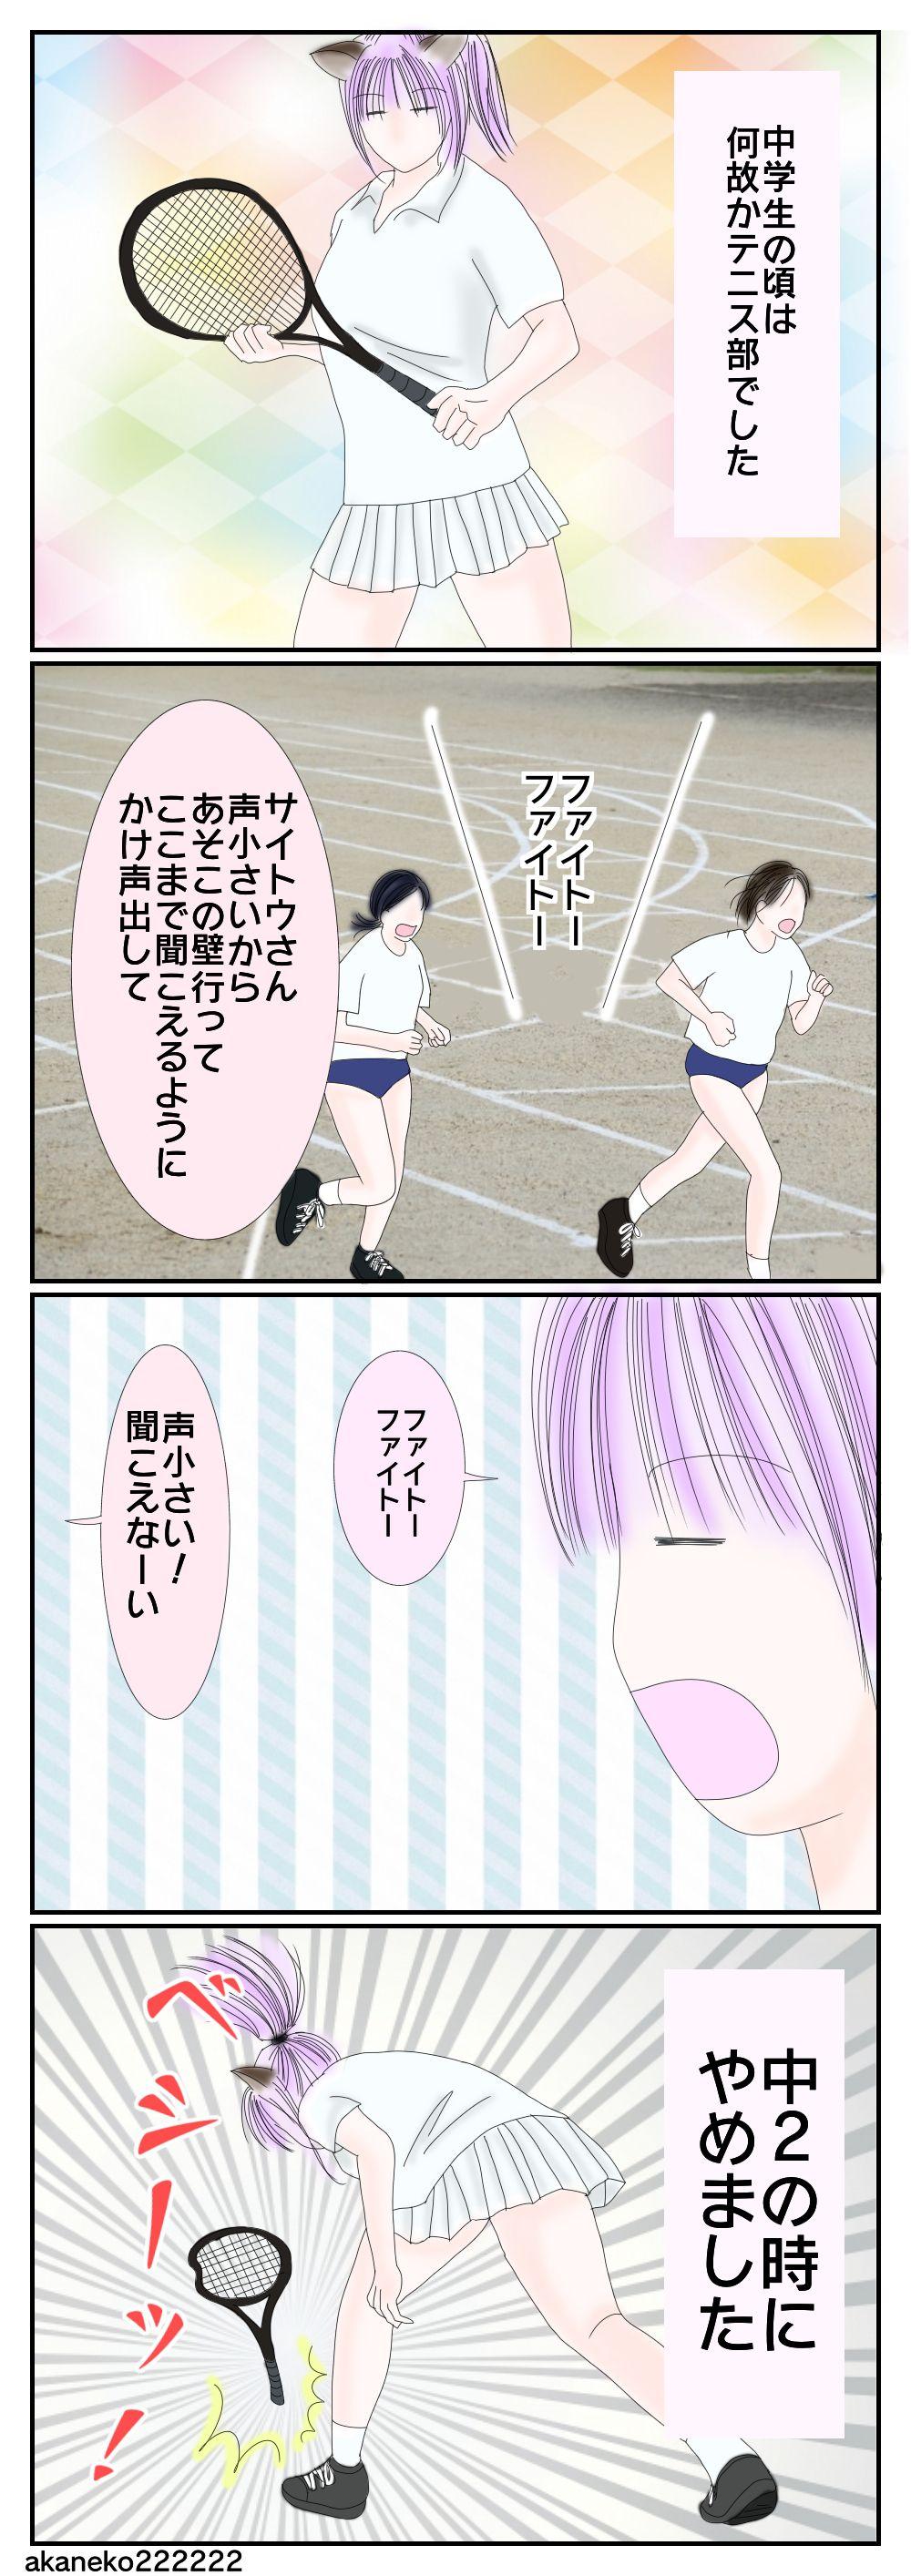 アスペルガーが中学校のテニス部を辞める四コマ漫画